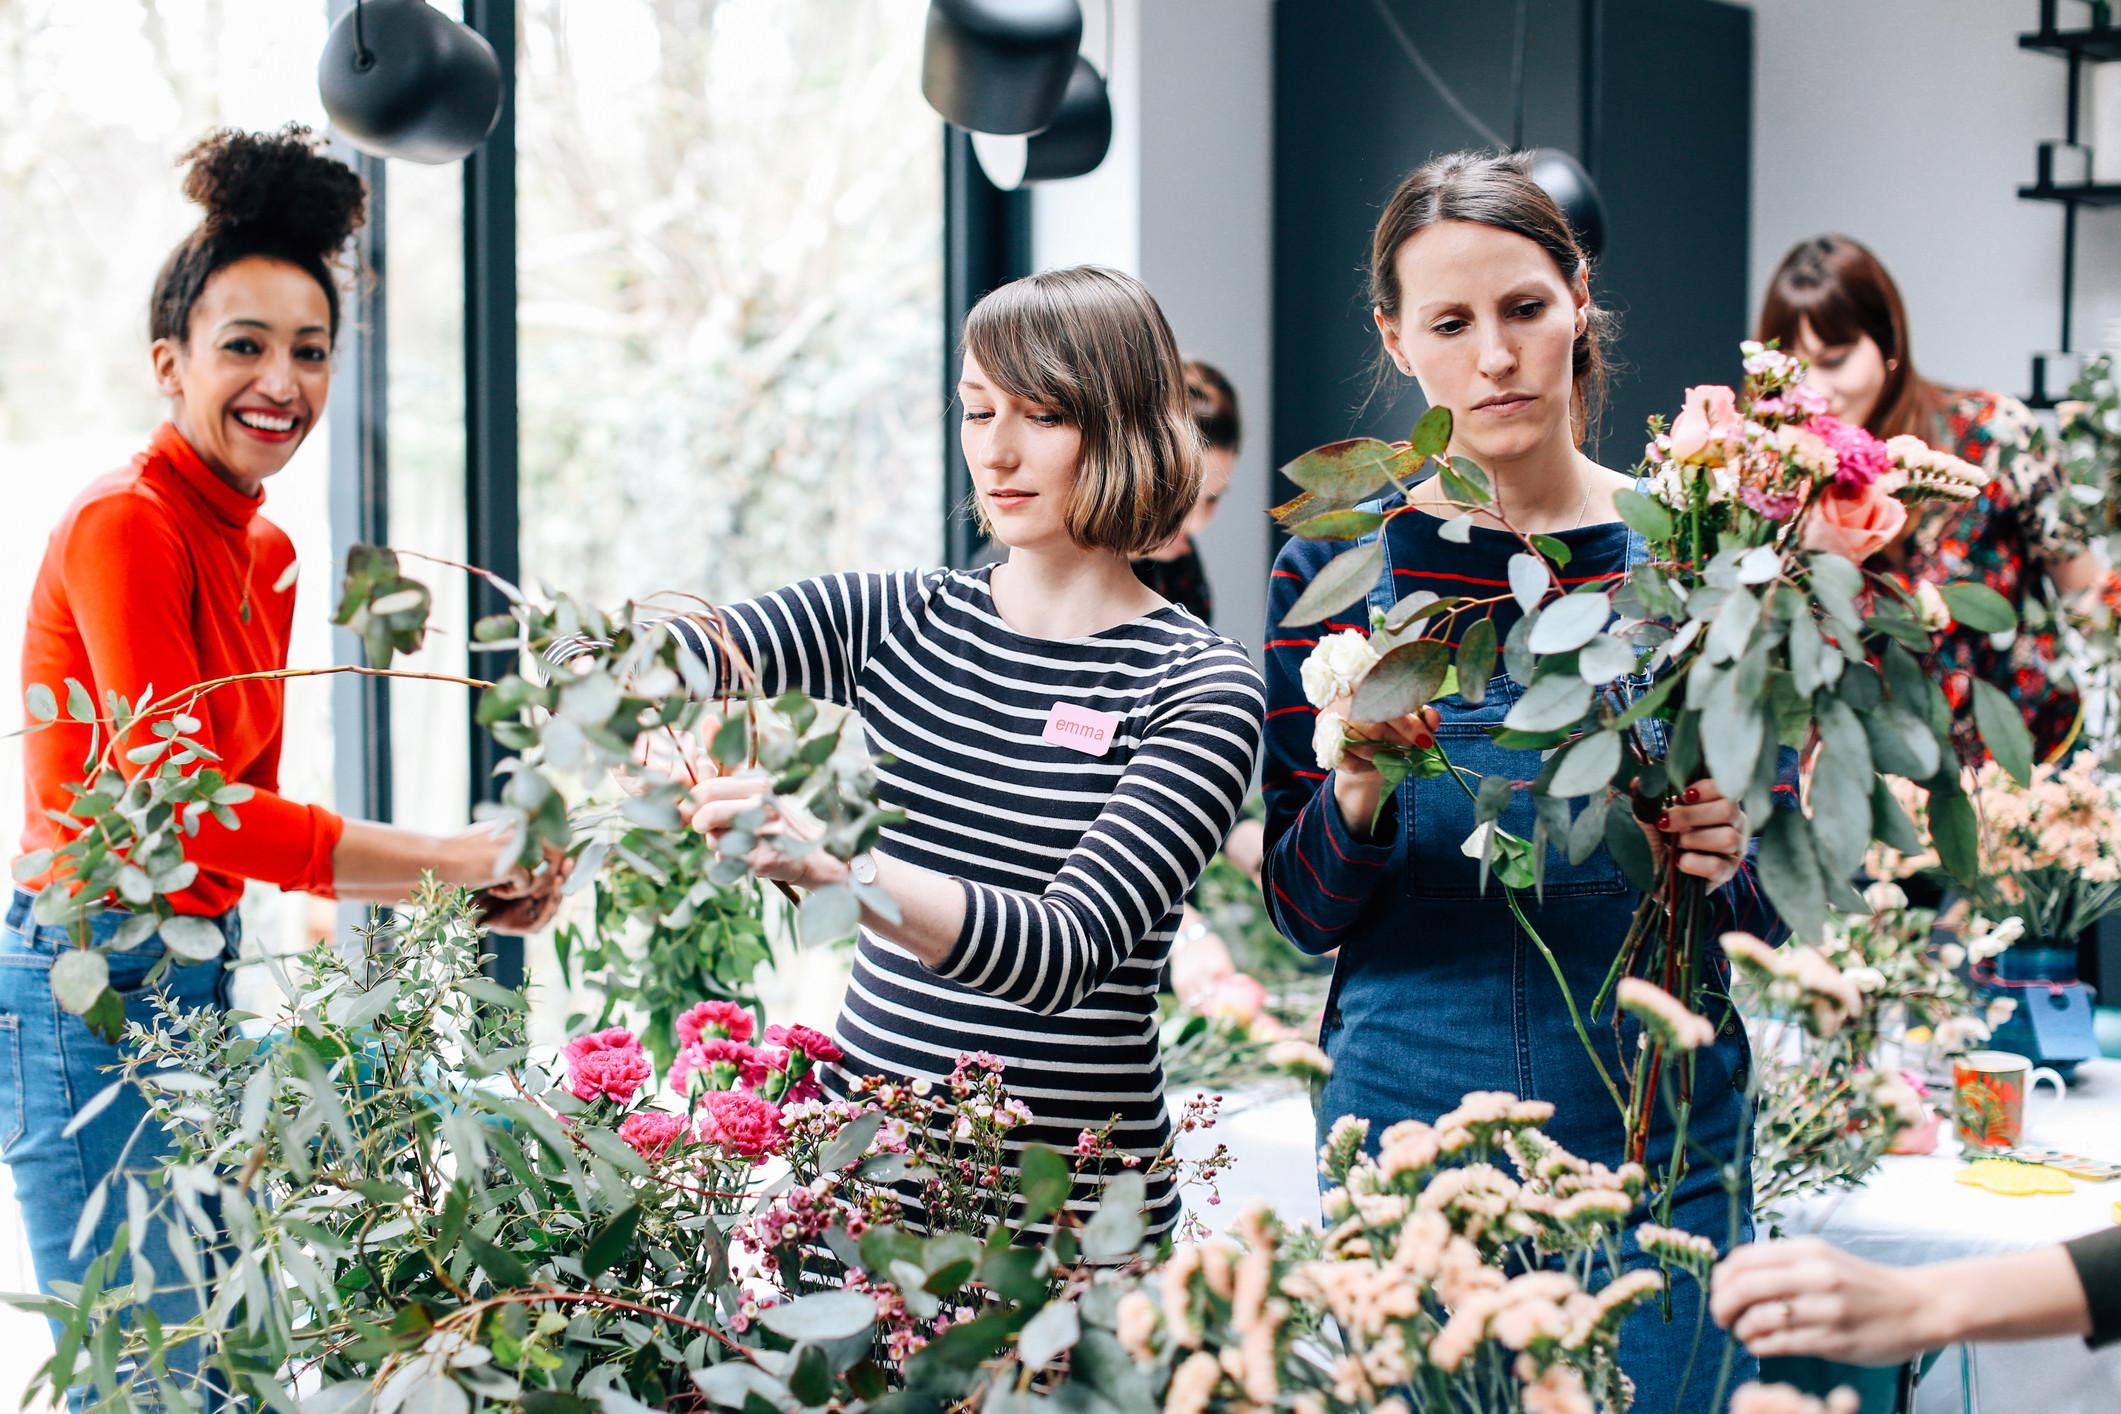 Easter Floral Arranging Workshop